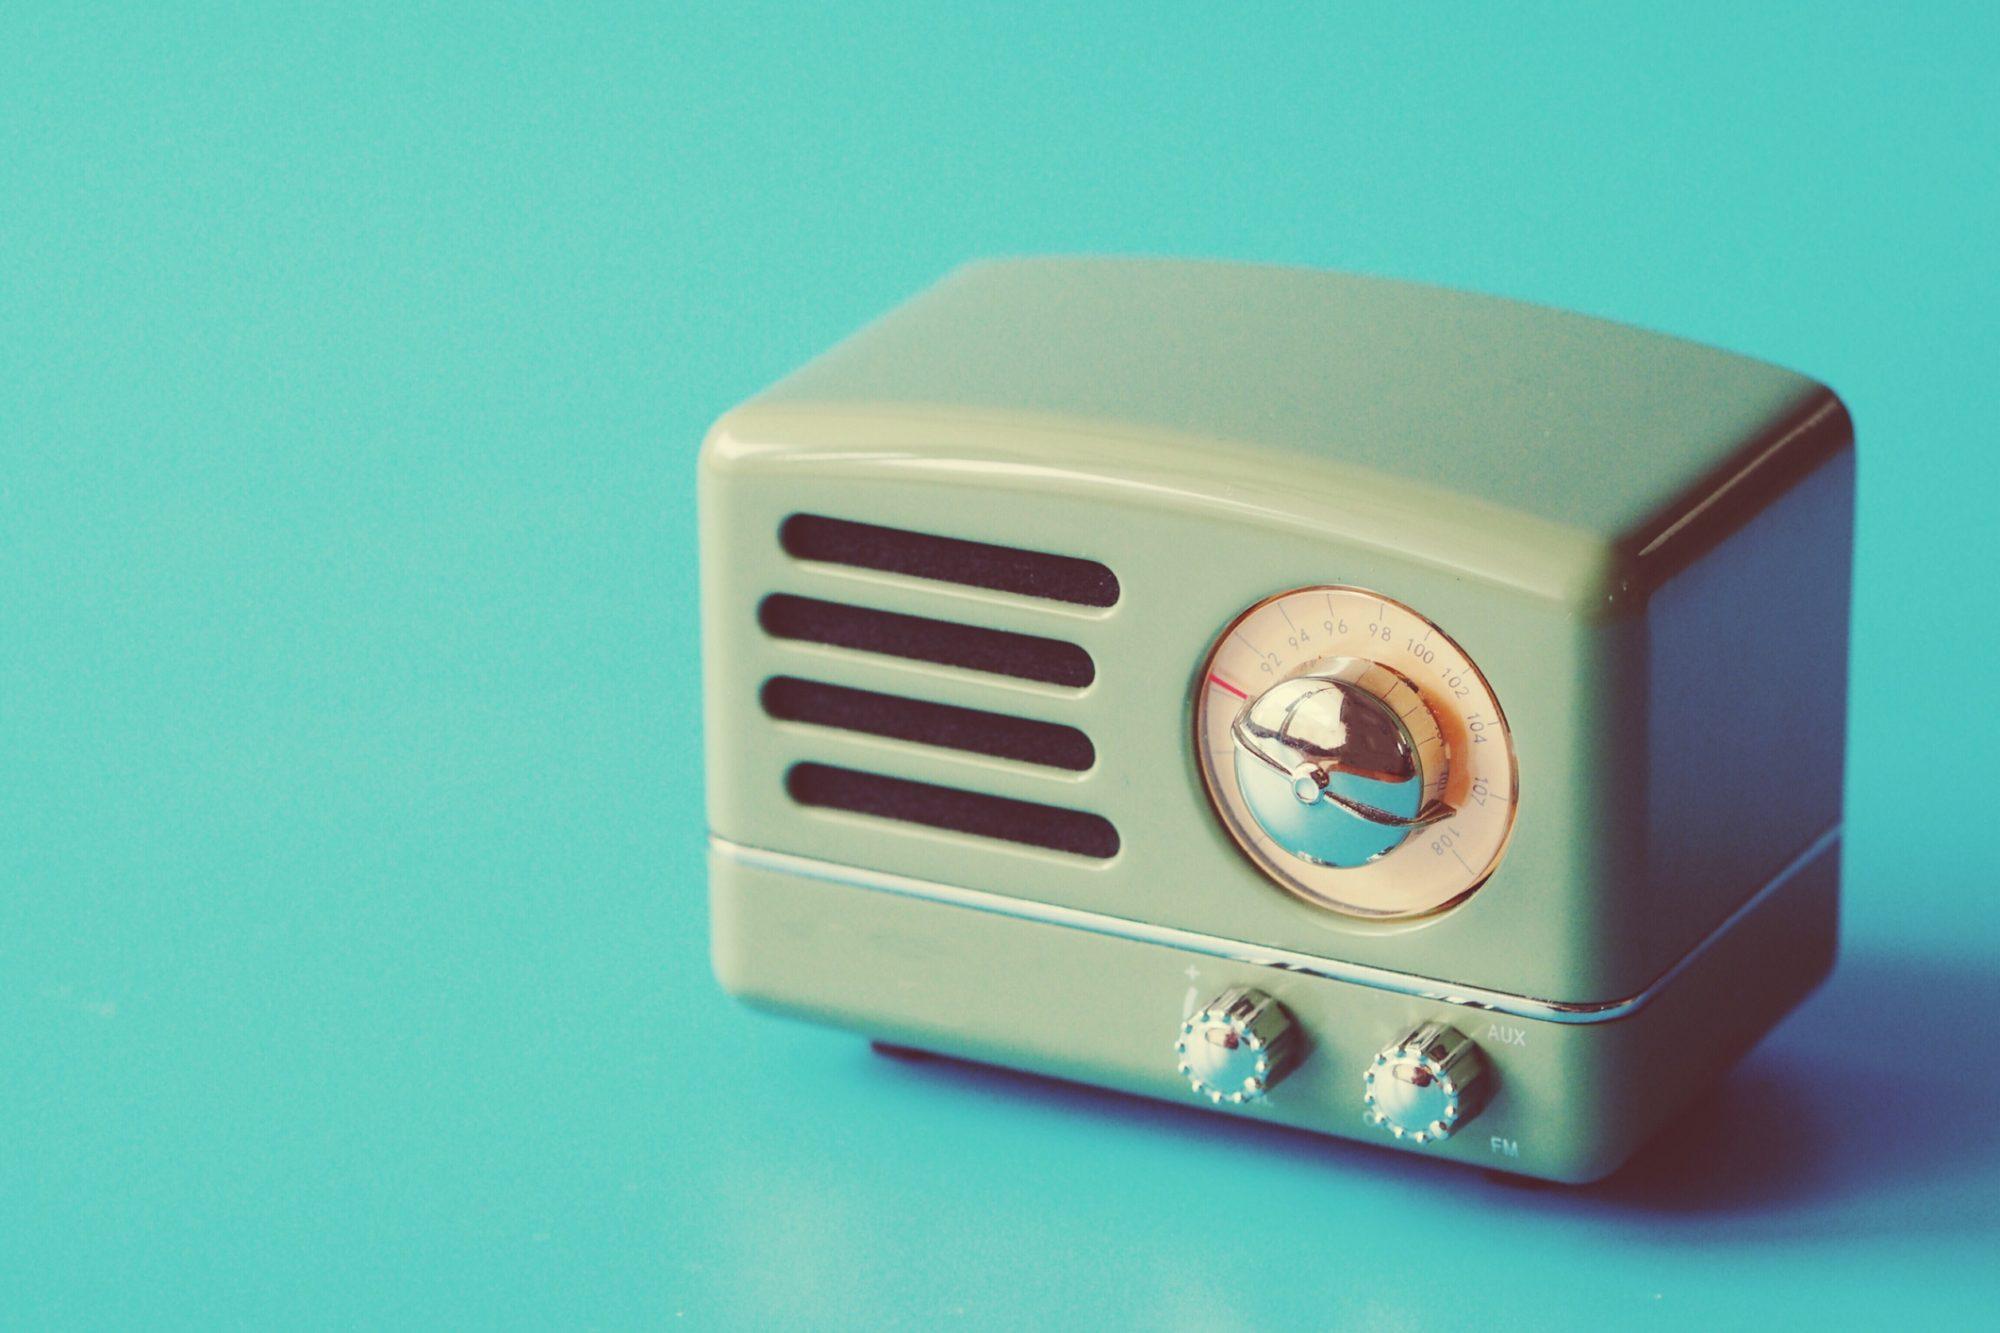 Picture of Slow Radio